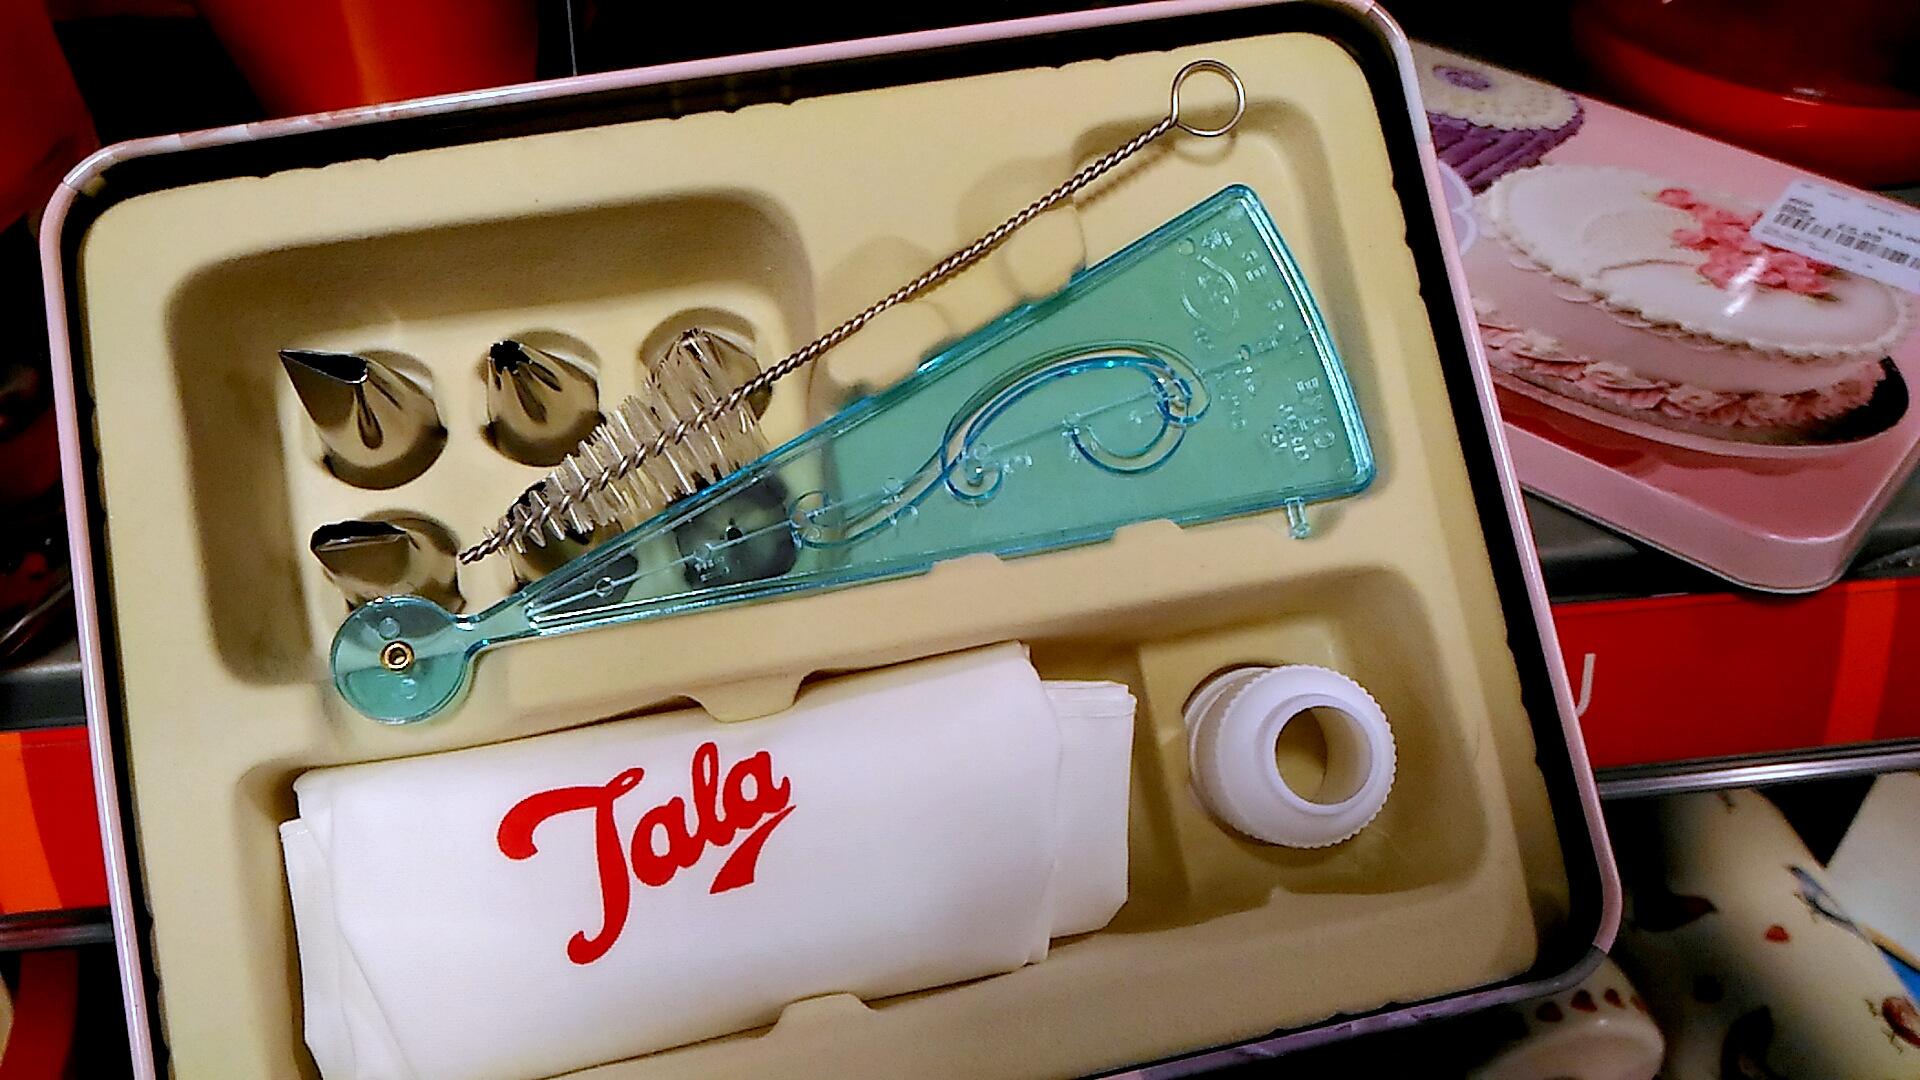 ロンドンのT.K.Maxxで見つけたお菓子作りの道具。ケーキ型からラッピング用品まで、何でも手に入ります!